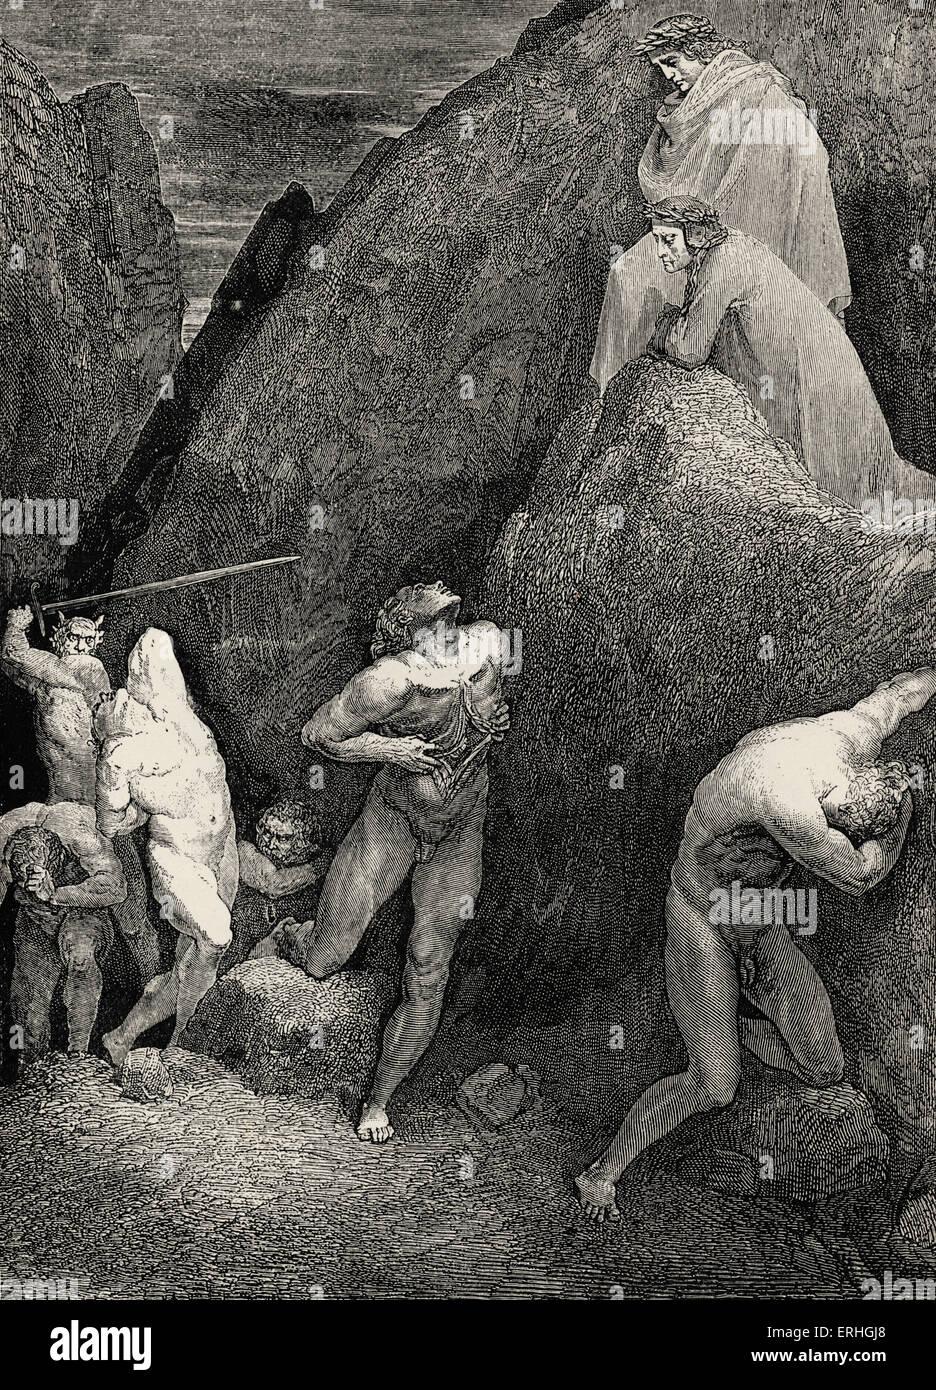 Dante Alighieri, La Divina Commedia, L'Inferno (The Divine Comedy, Hell) - Canto XXVIII (28): illustration by Gustave Stock Photo